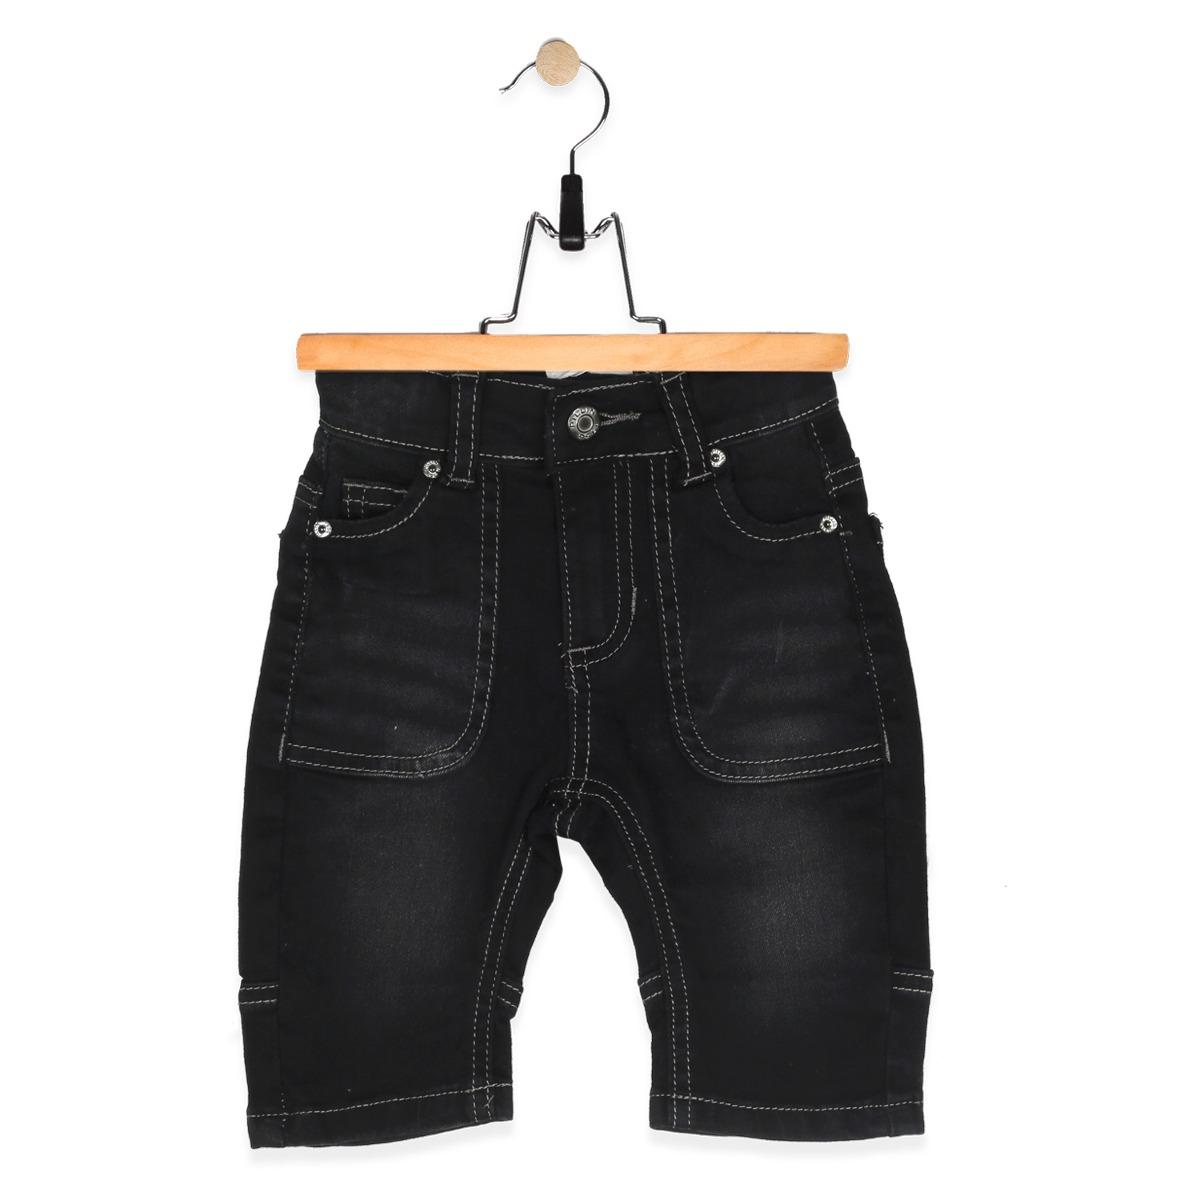 f8d9d5b7 Pillin Jeans Bebé Niño - Po710neg - $ 15.990 en Mercado Libre